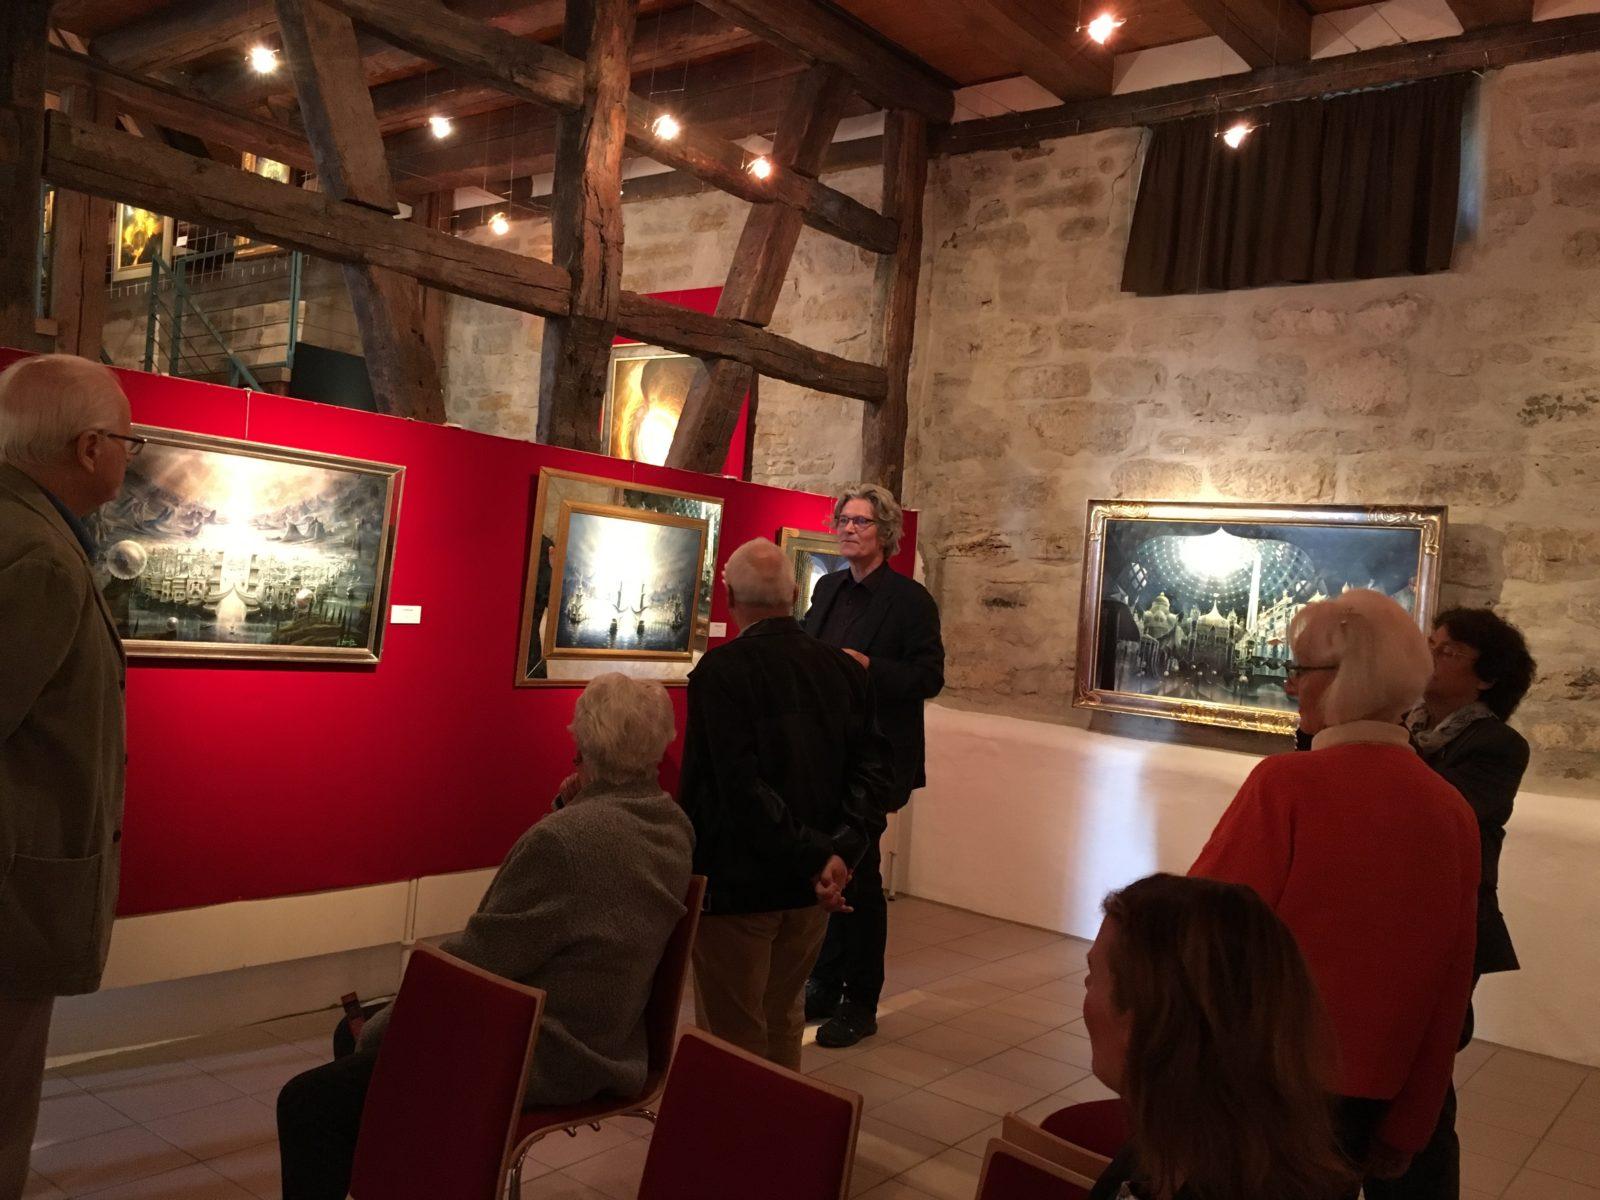 Retrospektive Angerer der Ältere mit Kunsthistoriker Dr. Bernhard Stumpfhaus